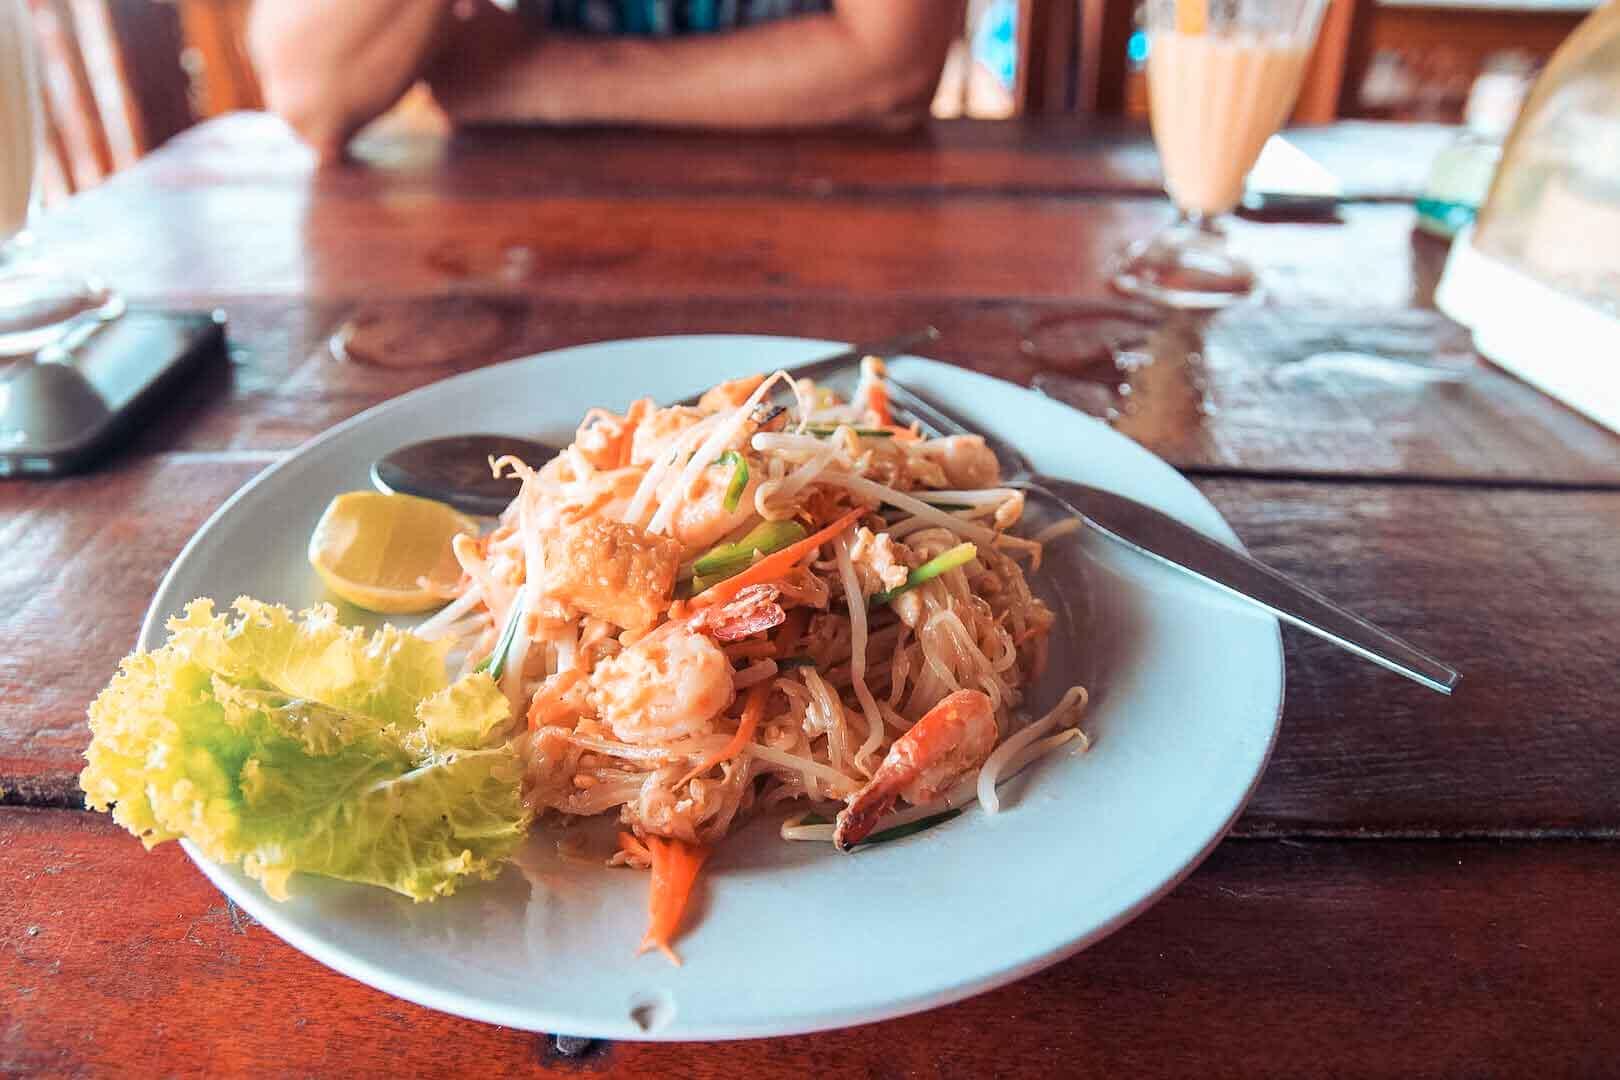 Leckere kulinarische Spezialitäten genießen | sailwithus